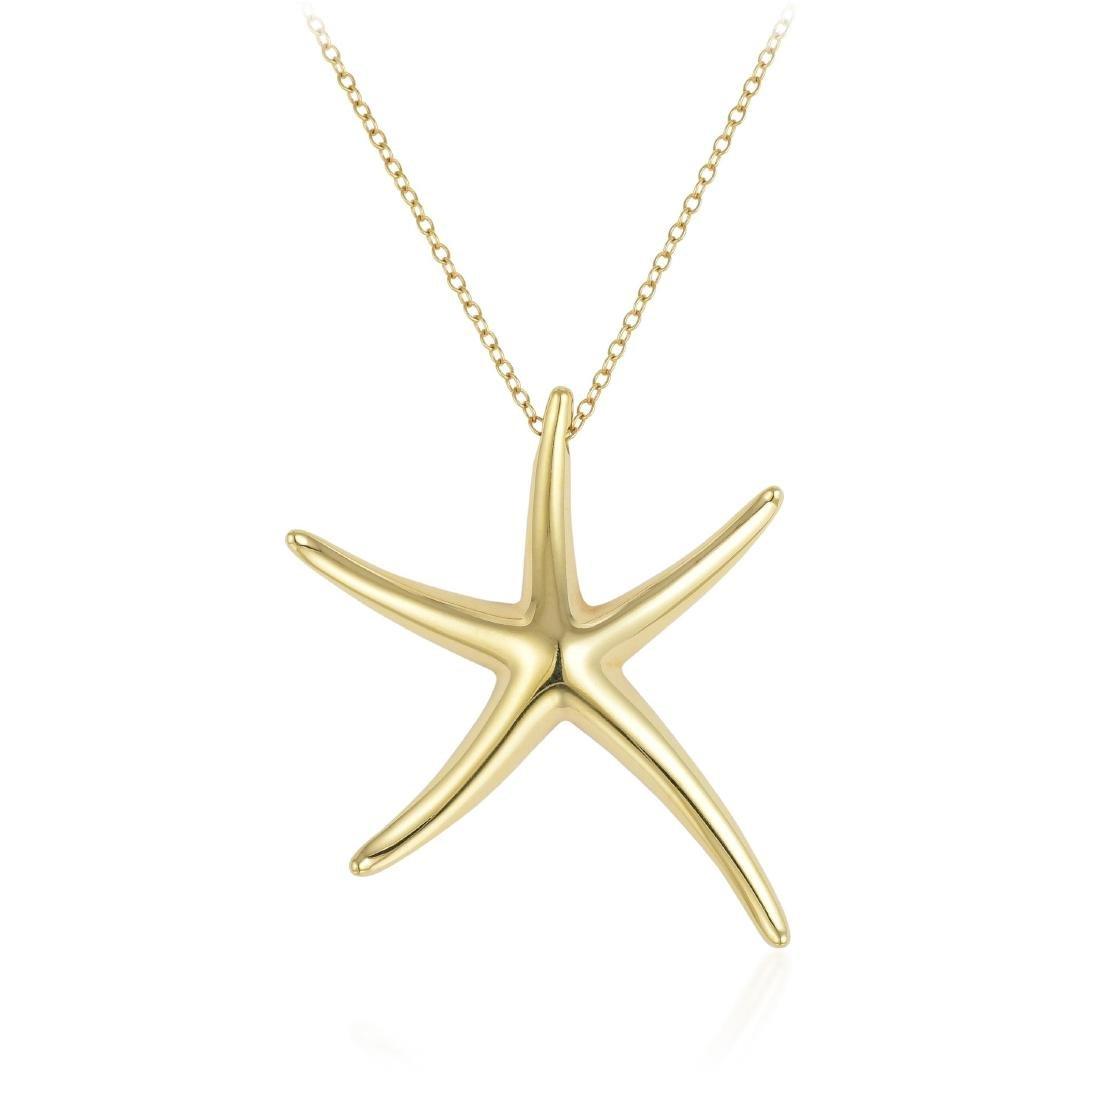 Tiffany & Co. Elsa Peretti Starfish Pendant Necklace - 2